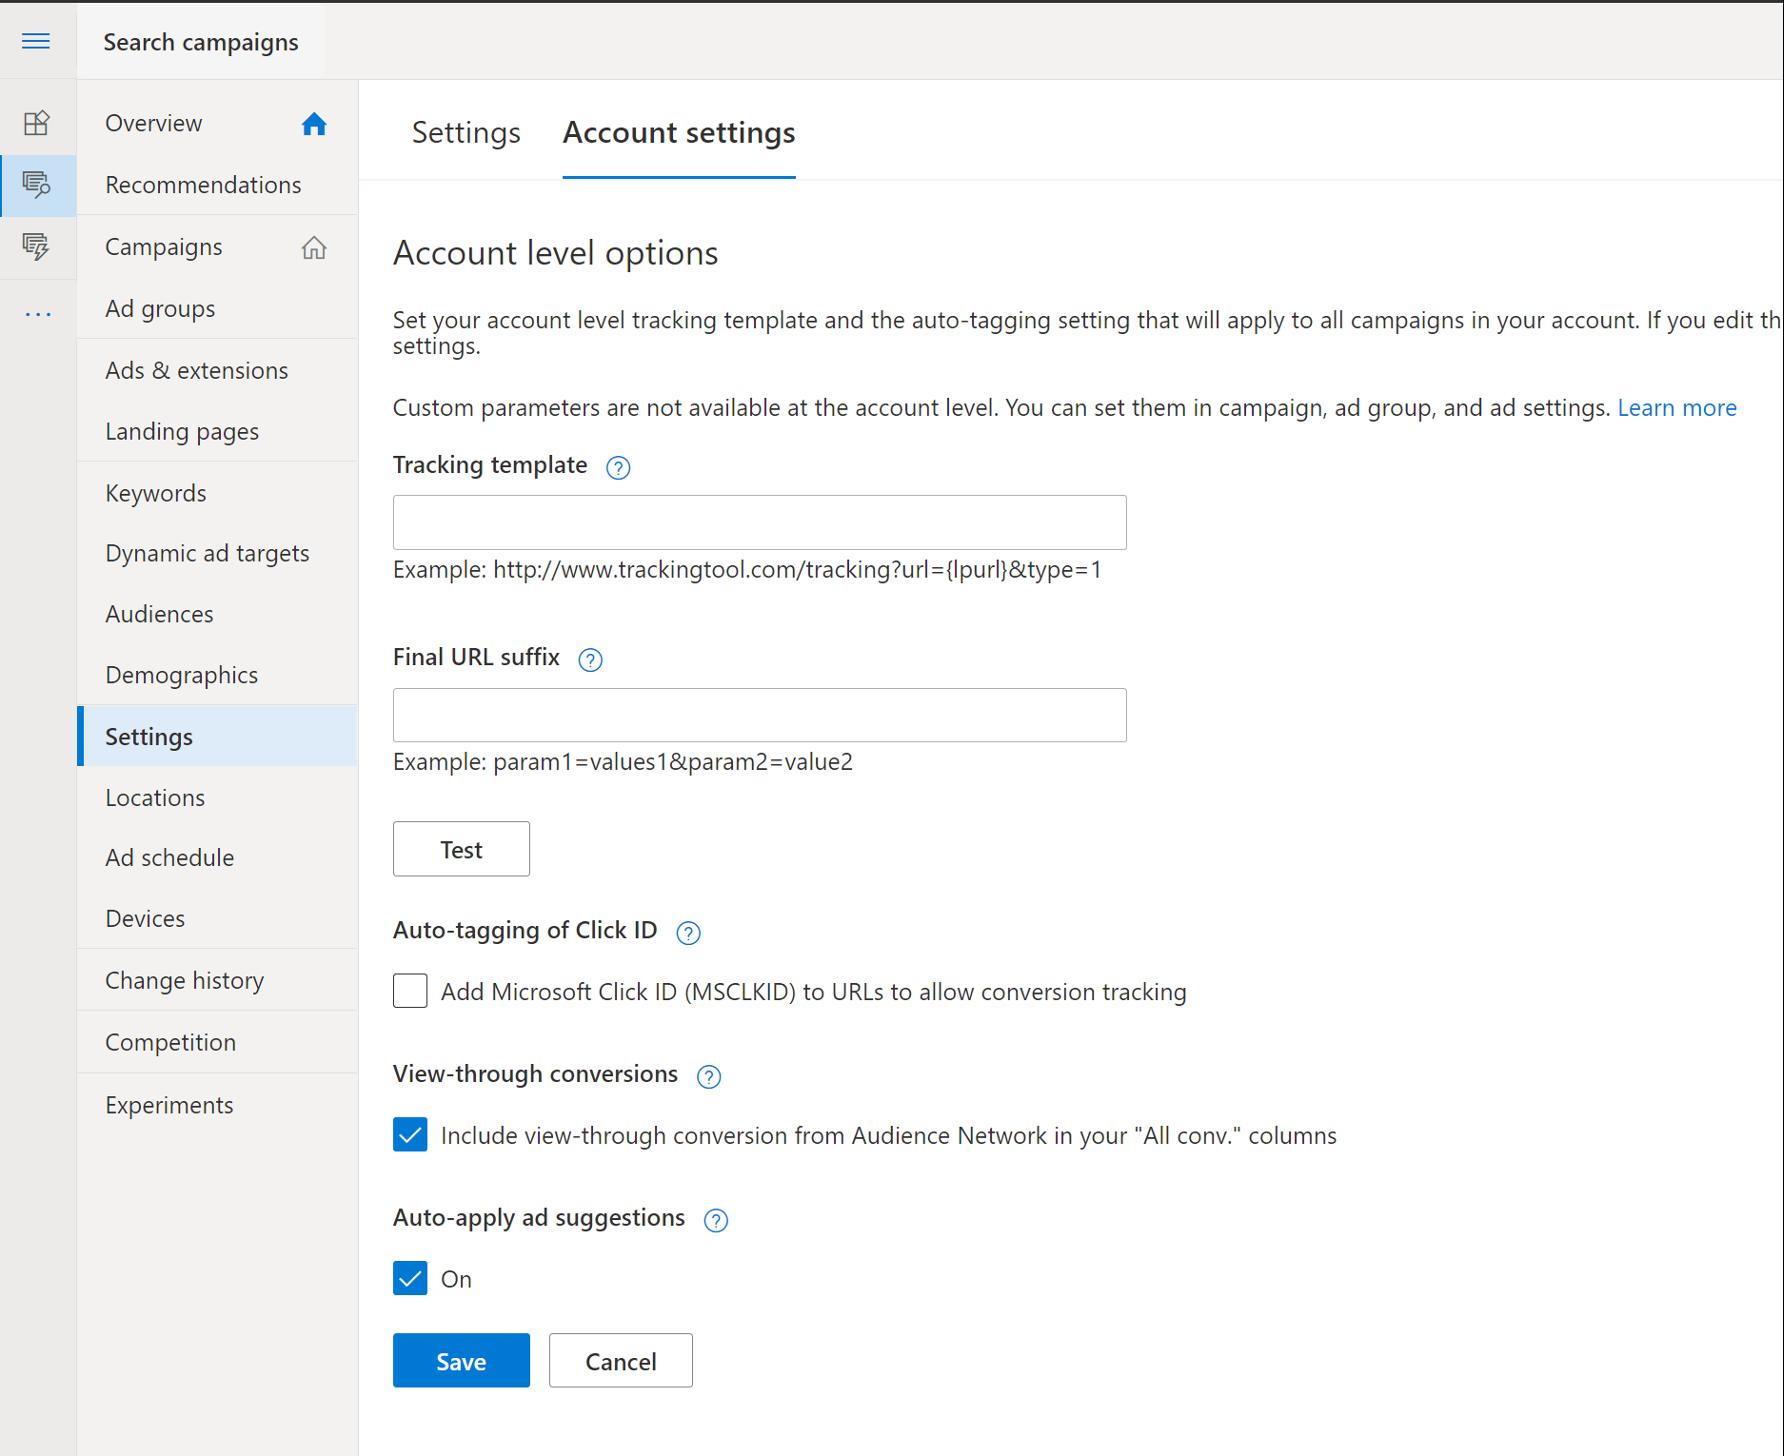 Optar por no recibir sugerencias de anuncios de aplicación automática de Microsoft